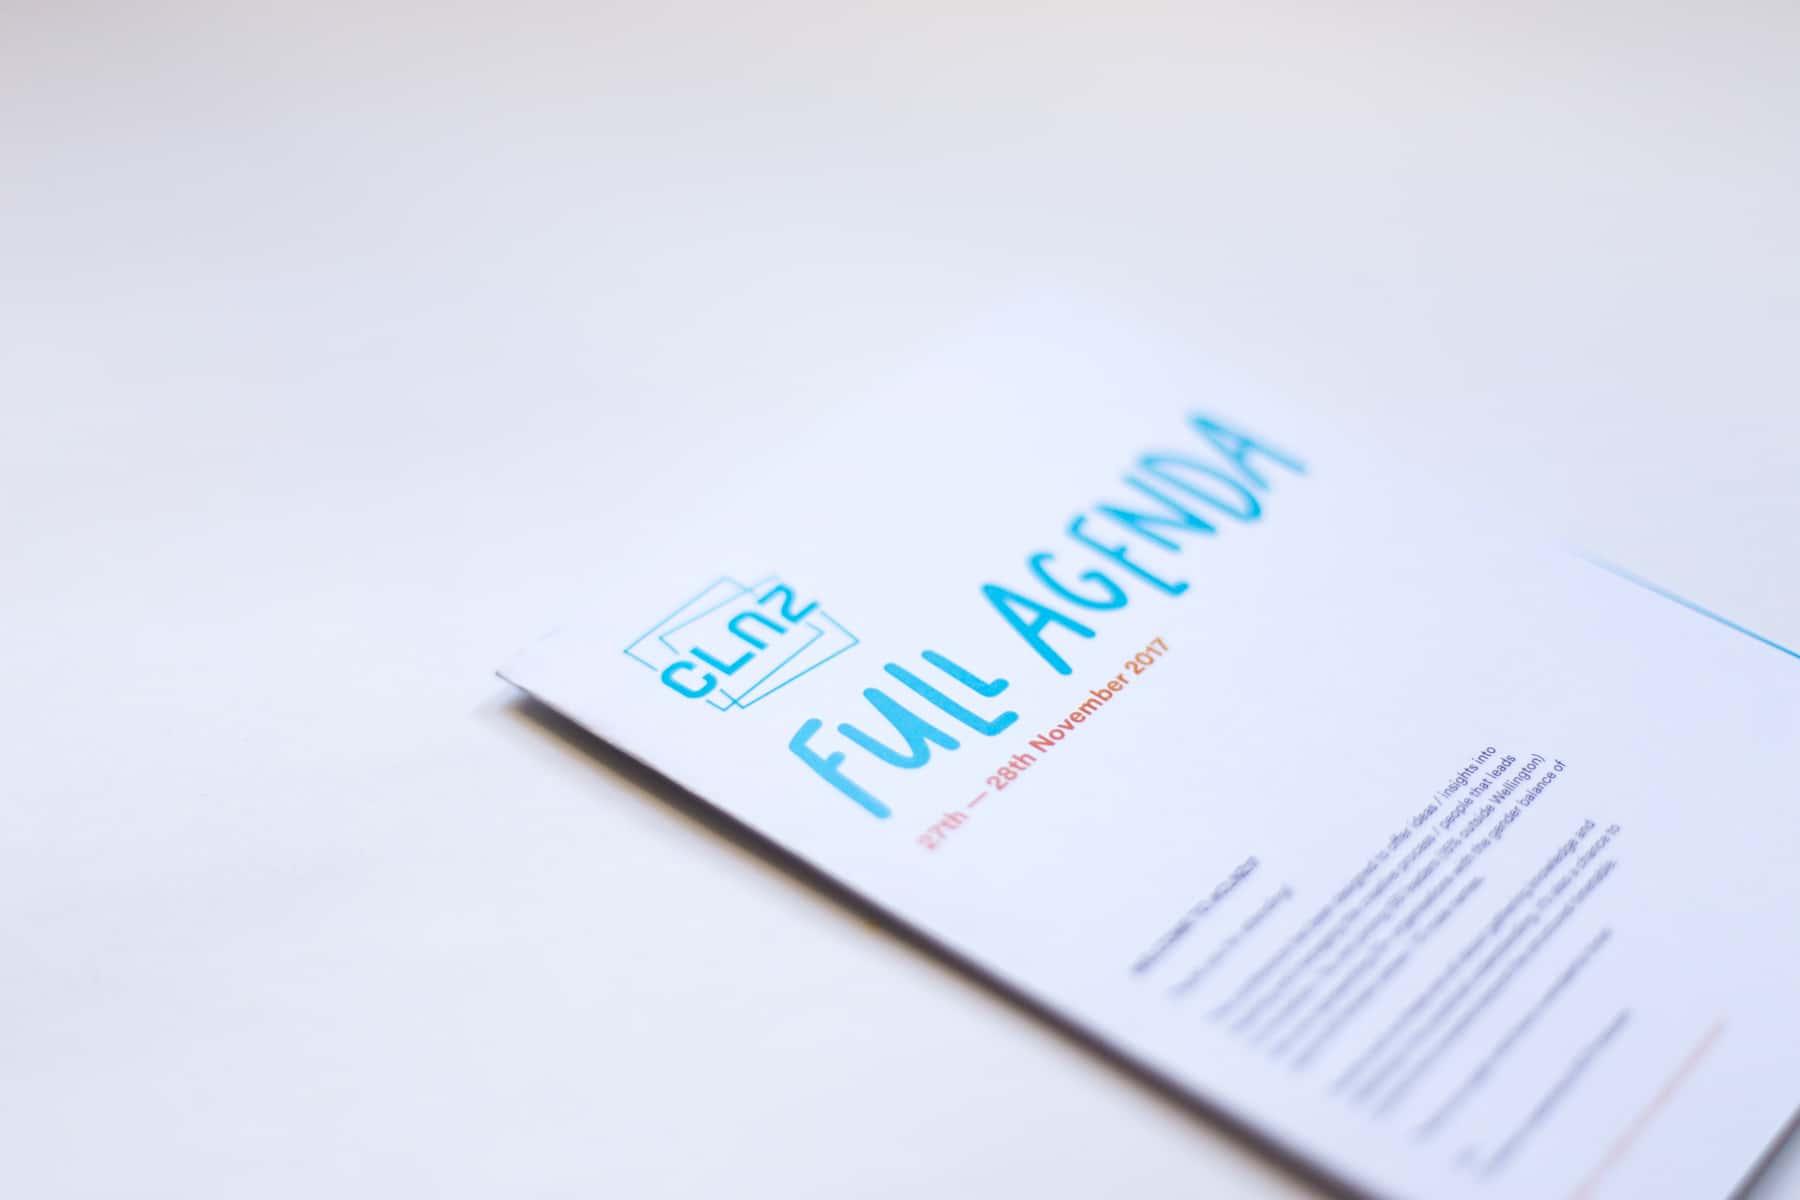 clnz-agenda-design-cover